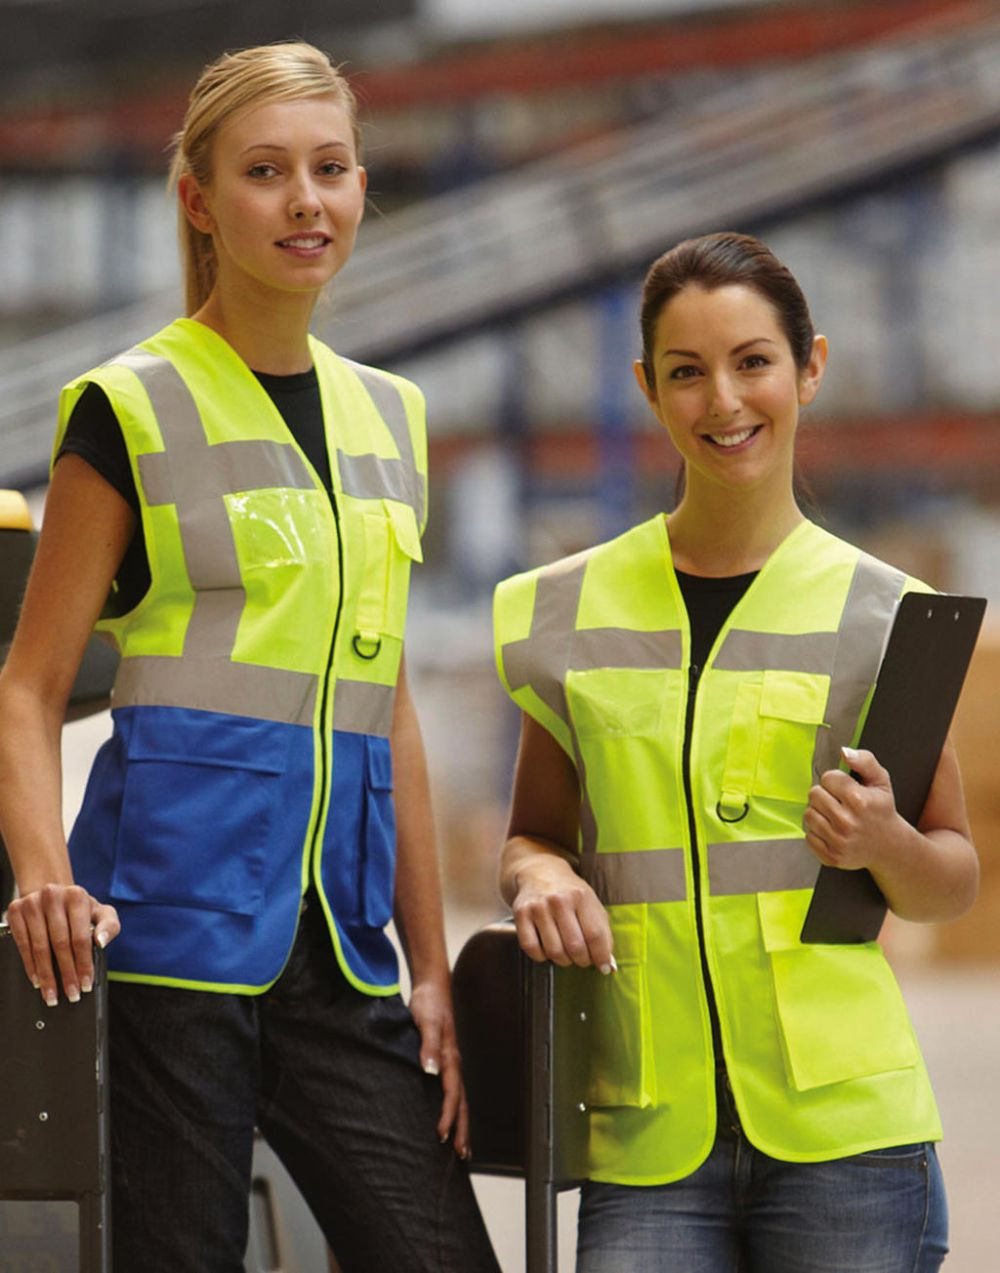 Chalecos reflectantes yoko de seguridad fluo con logotipo imagen 7